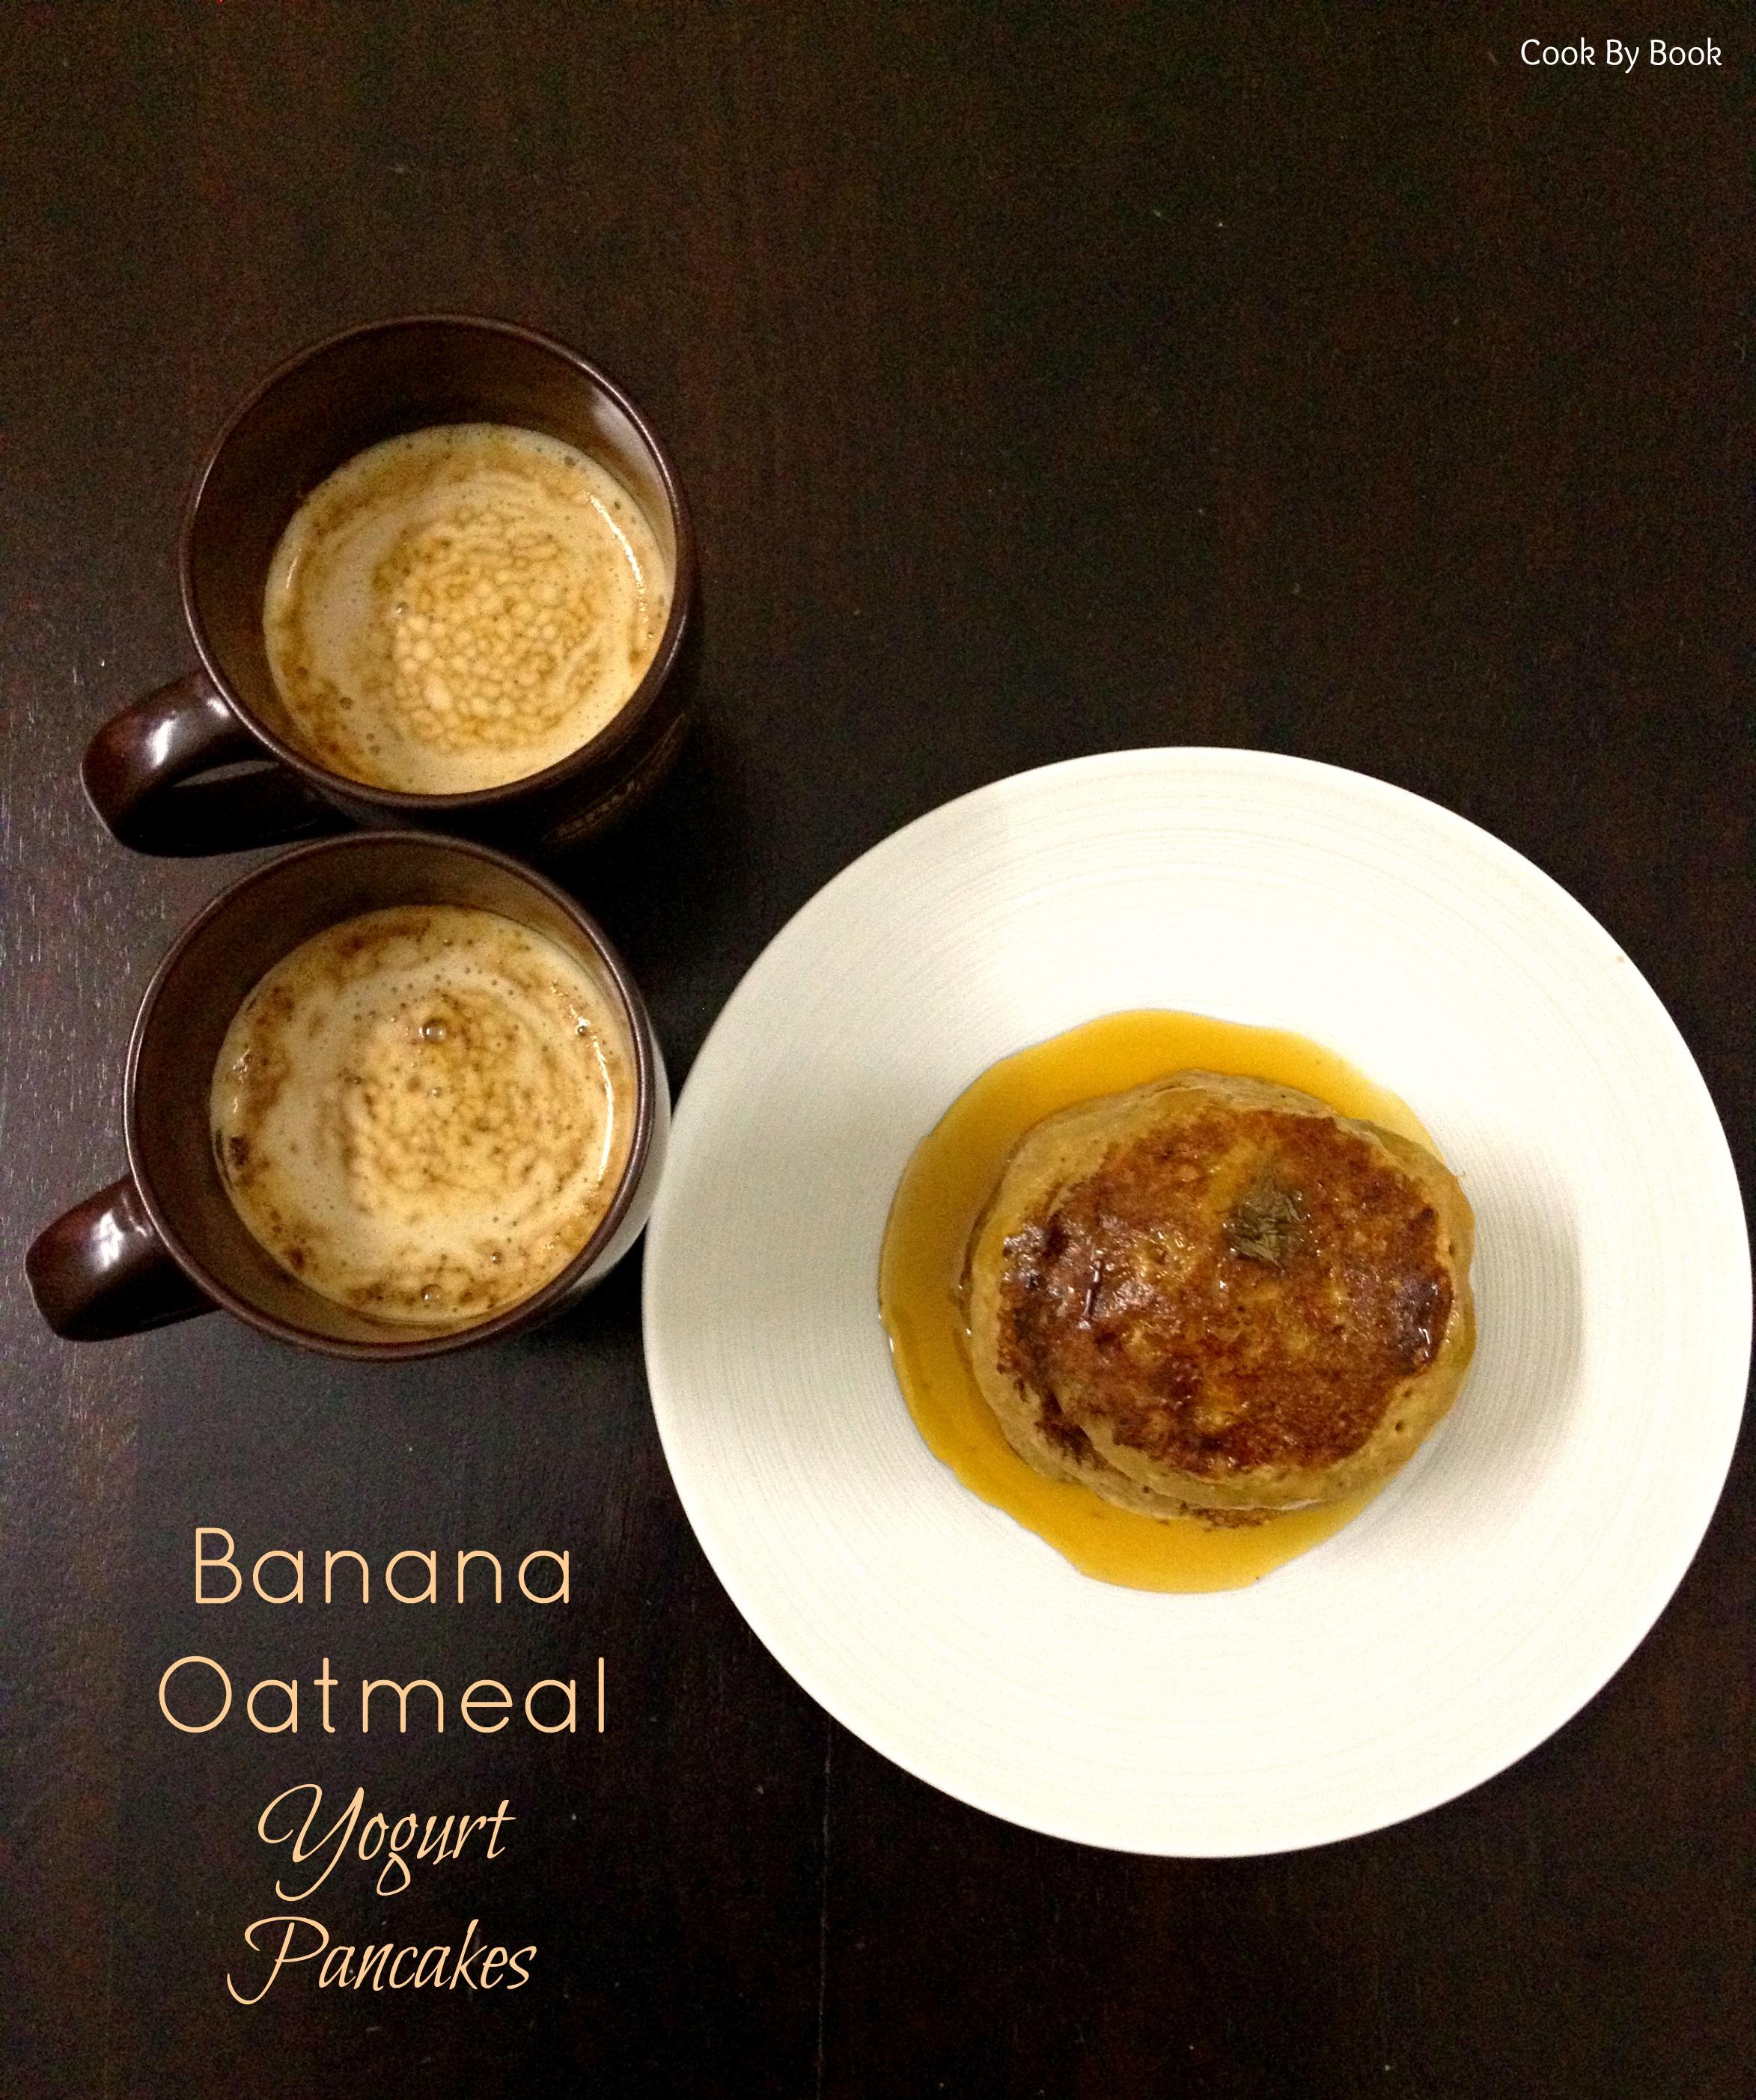 Banana Oatmeal Yogurt Pancakes1